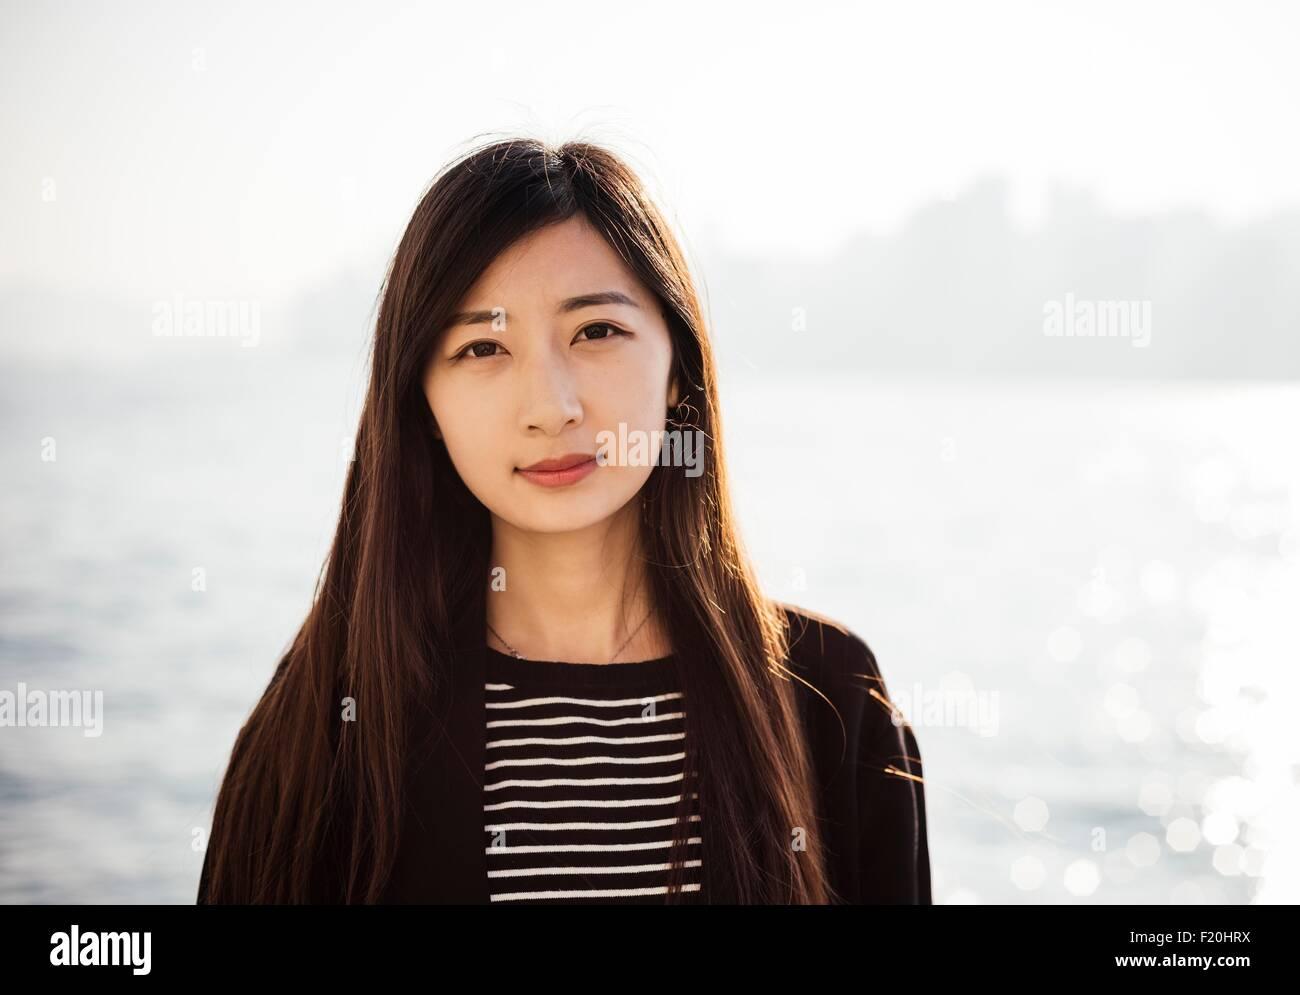 Portrait de jeune femme avec de longs cheveux de brunette wearing haut rayé looking at camera Photo Stock